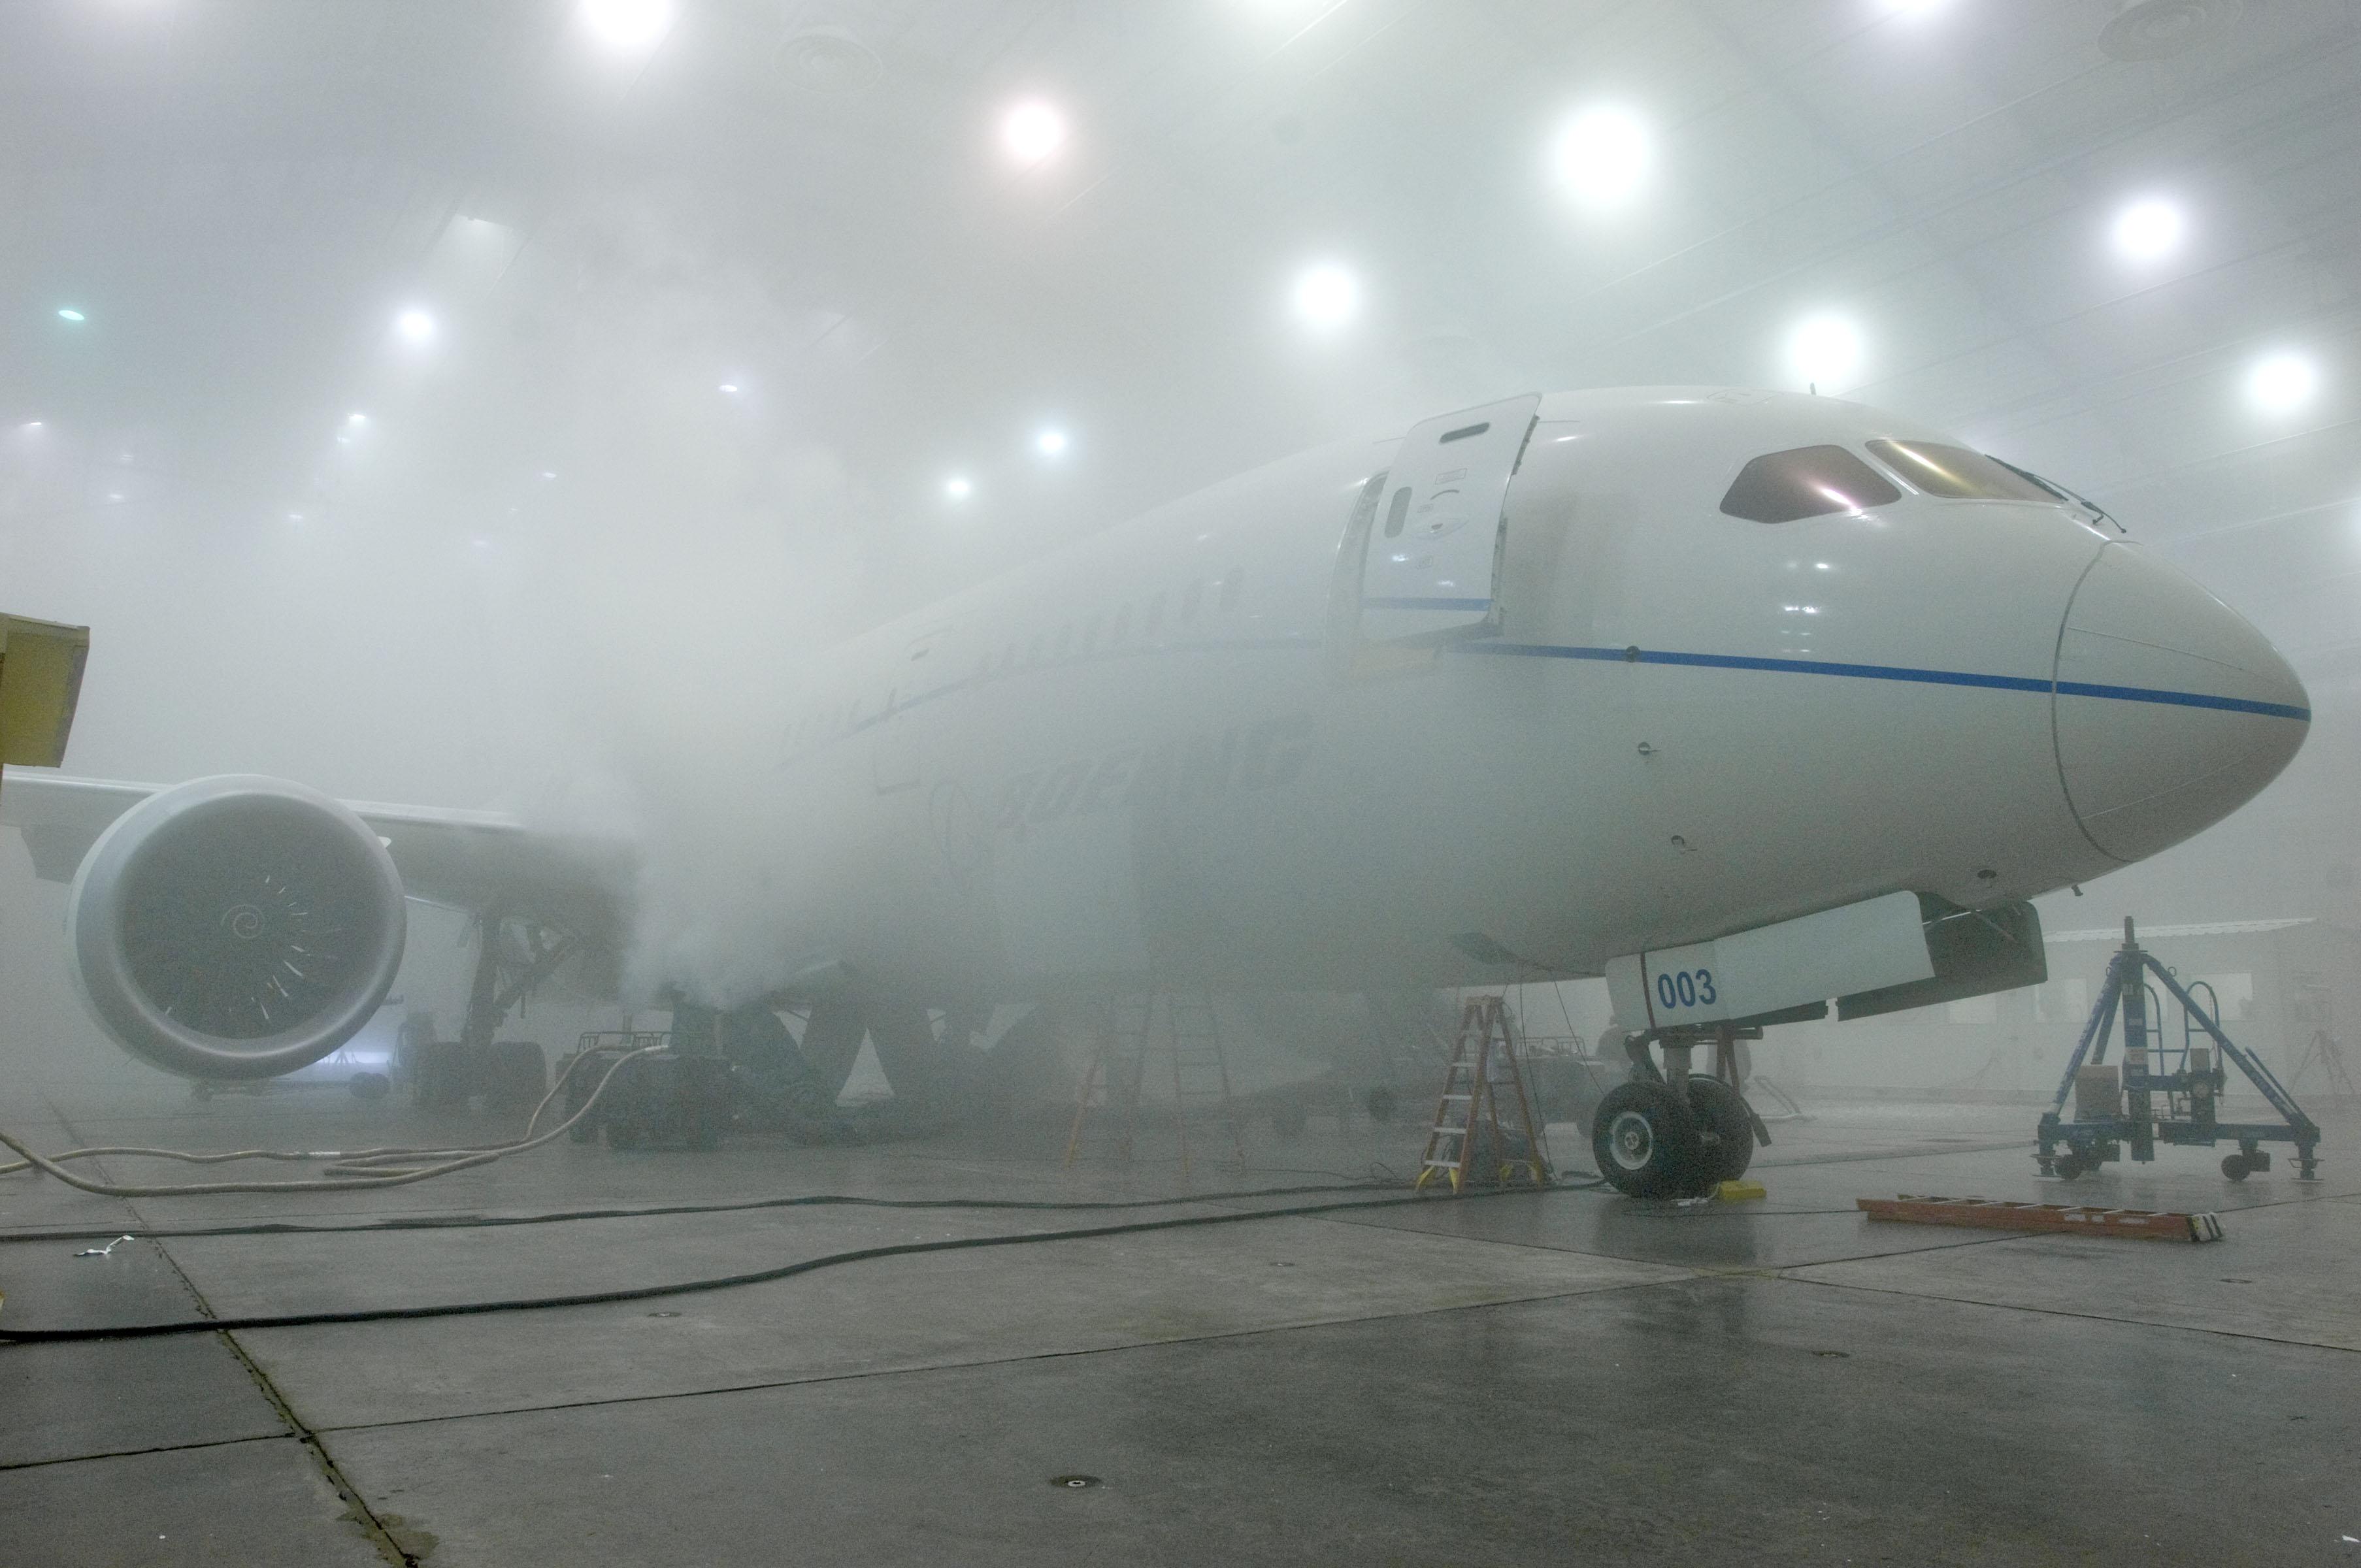 ZA003 787 Sub-ZeroTest in McKinley Climatic Laboratory, Florida